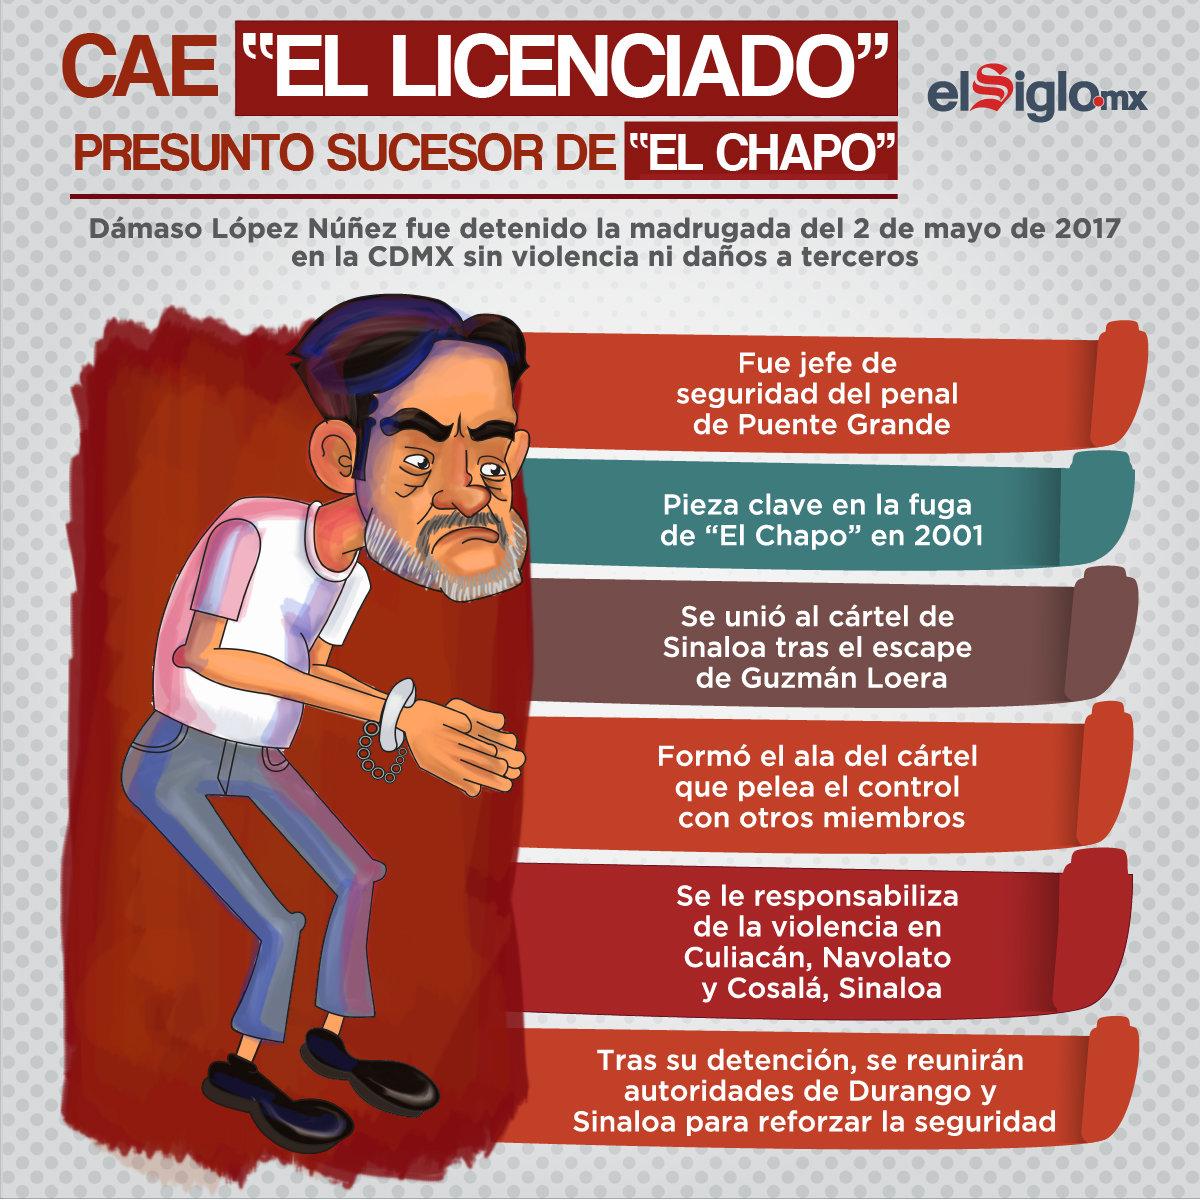 Cae 39 El Licenciado 39 Presunto Sucesor De 39 El Chapo 39